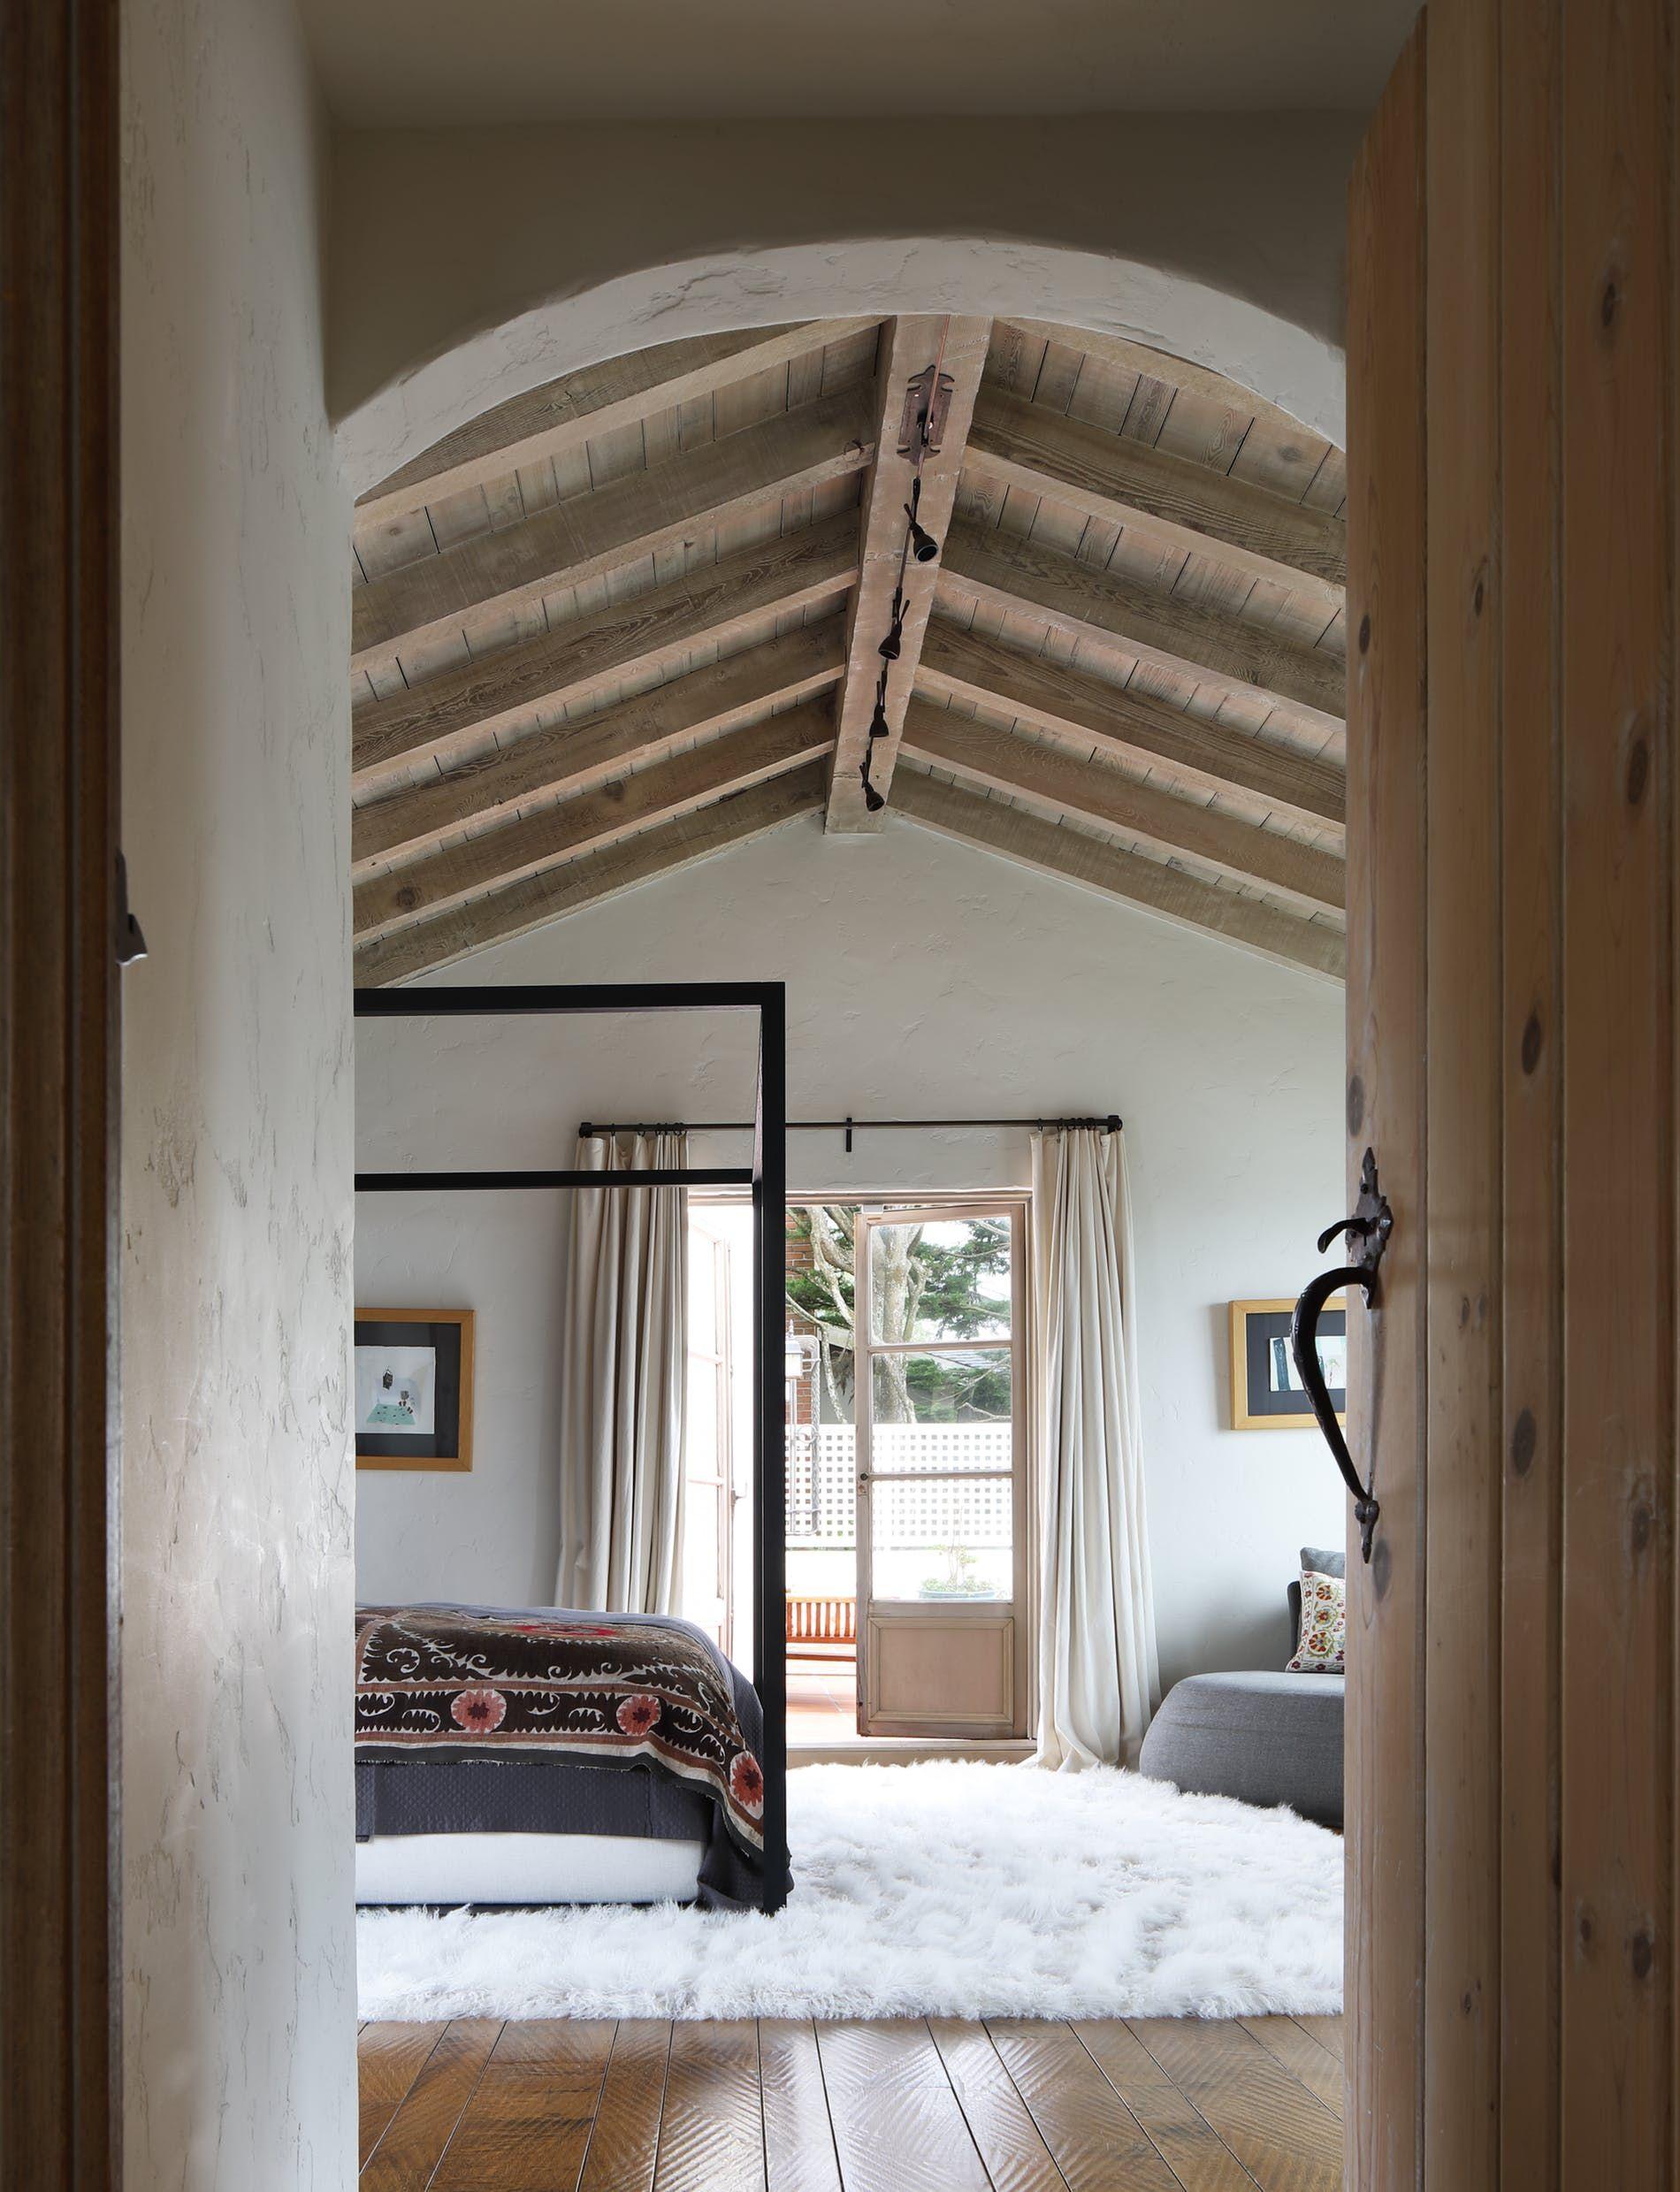 109542 maria haidamus interiors portfolio interiors bedroom rh pinterest com